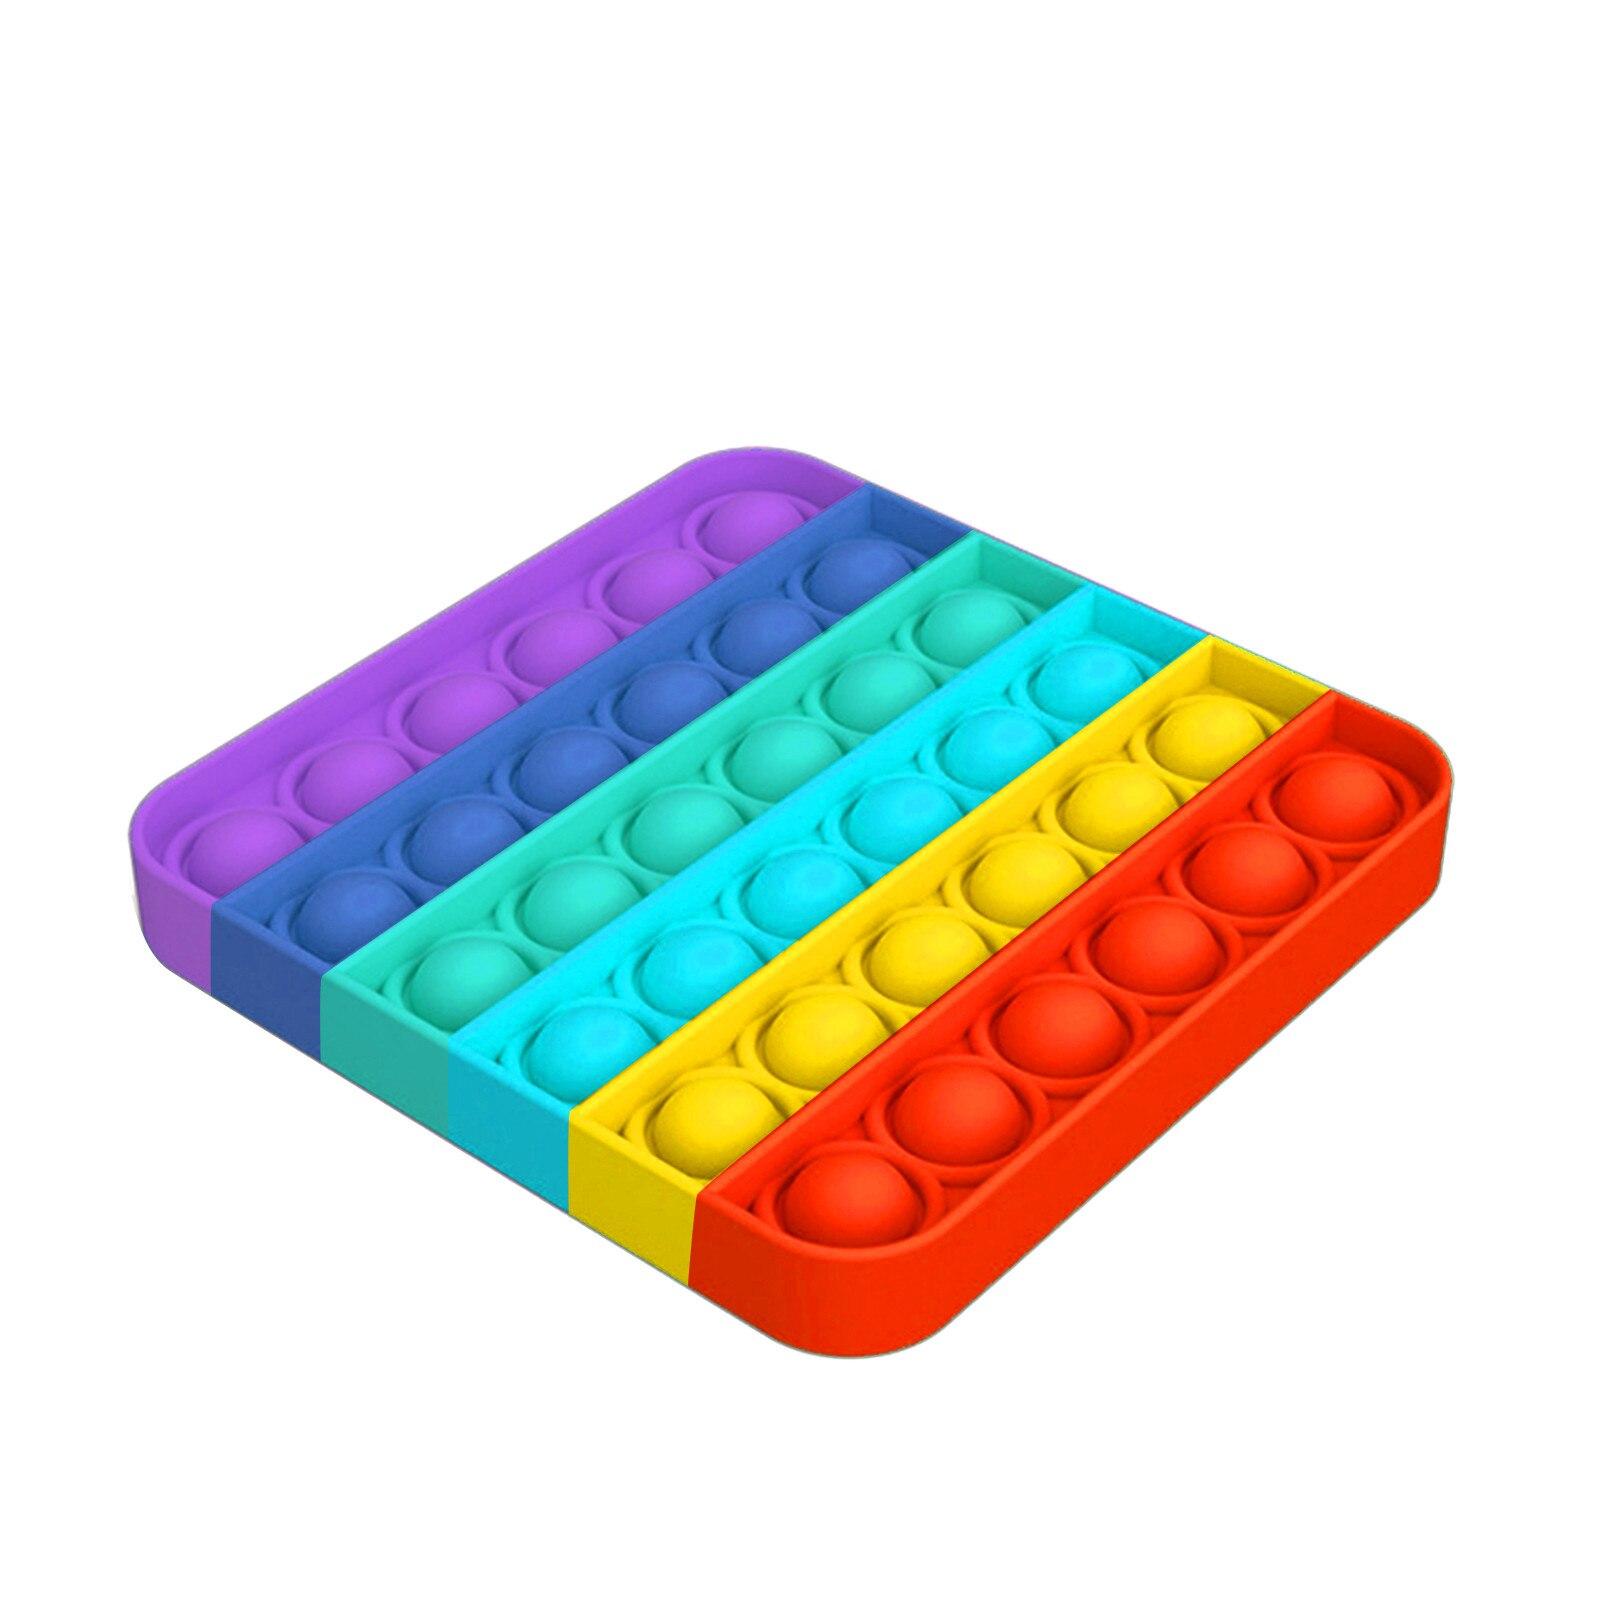 Śmieszne zabawki typu Fidget proste dołek Poppit zabawka bańka Pop zabawka sensoryczna dla dorosłych dzieci Stress Reliever autyzm prezent chruшары|Zabawki do zgniatania|   -